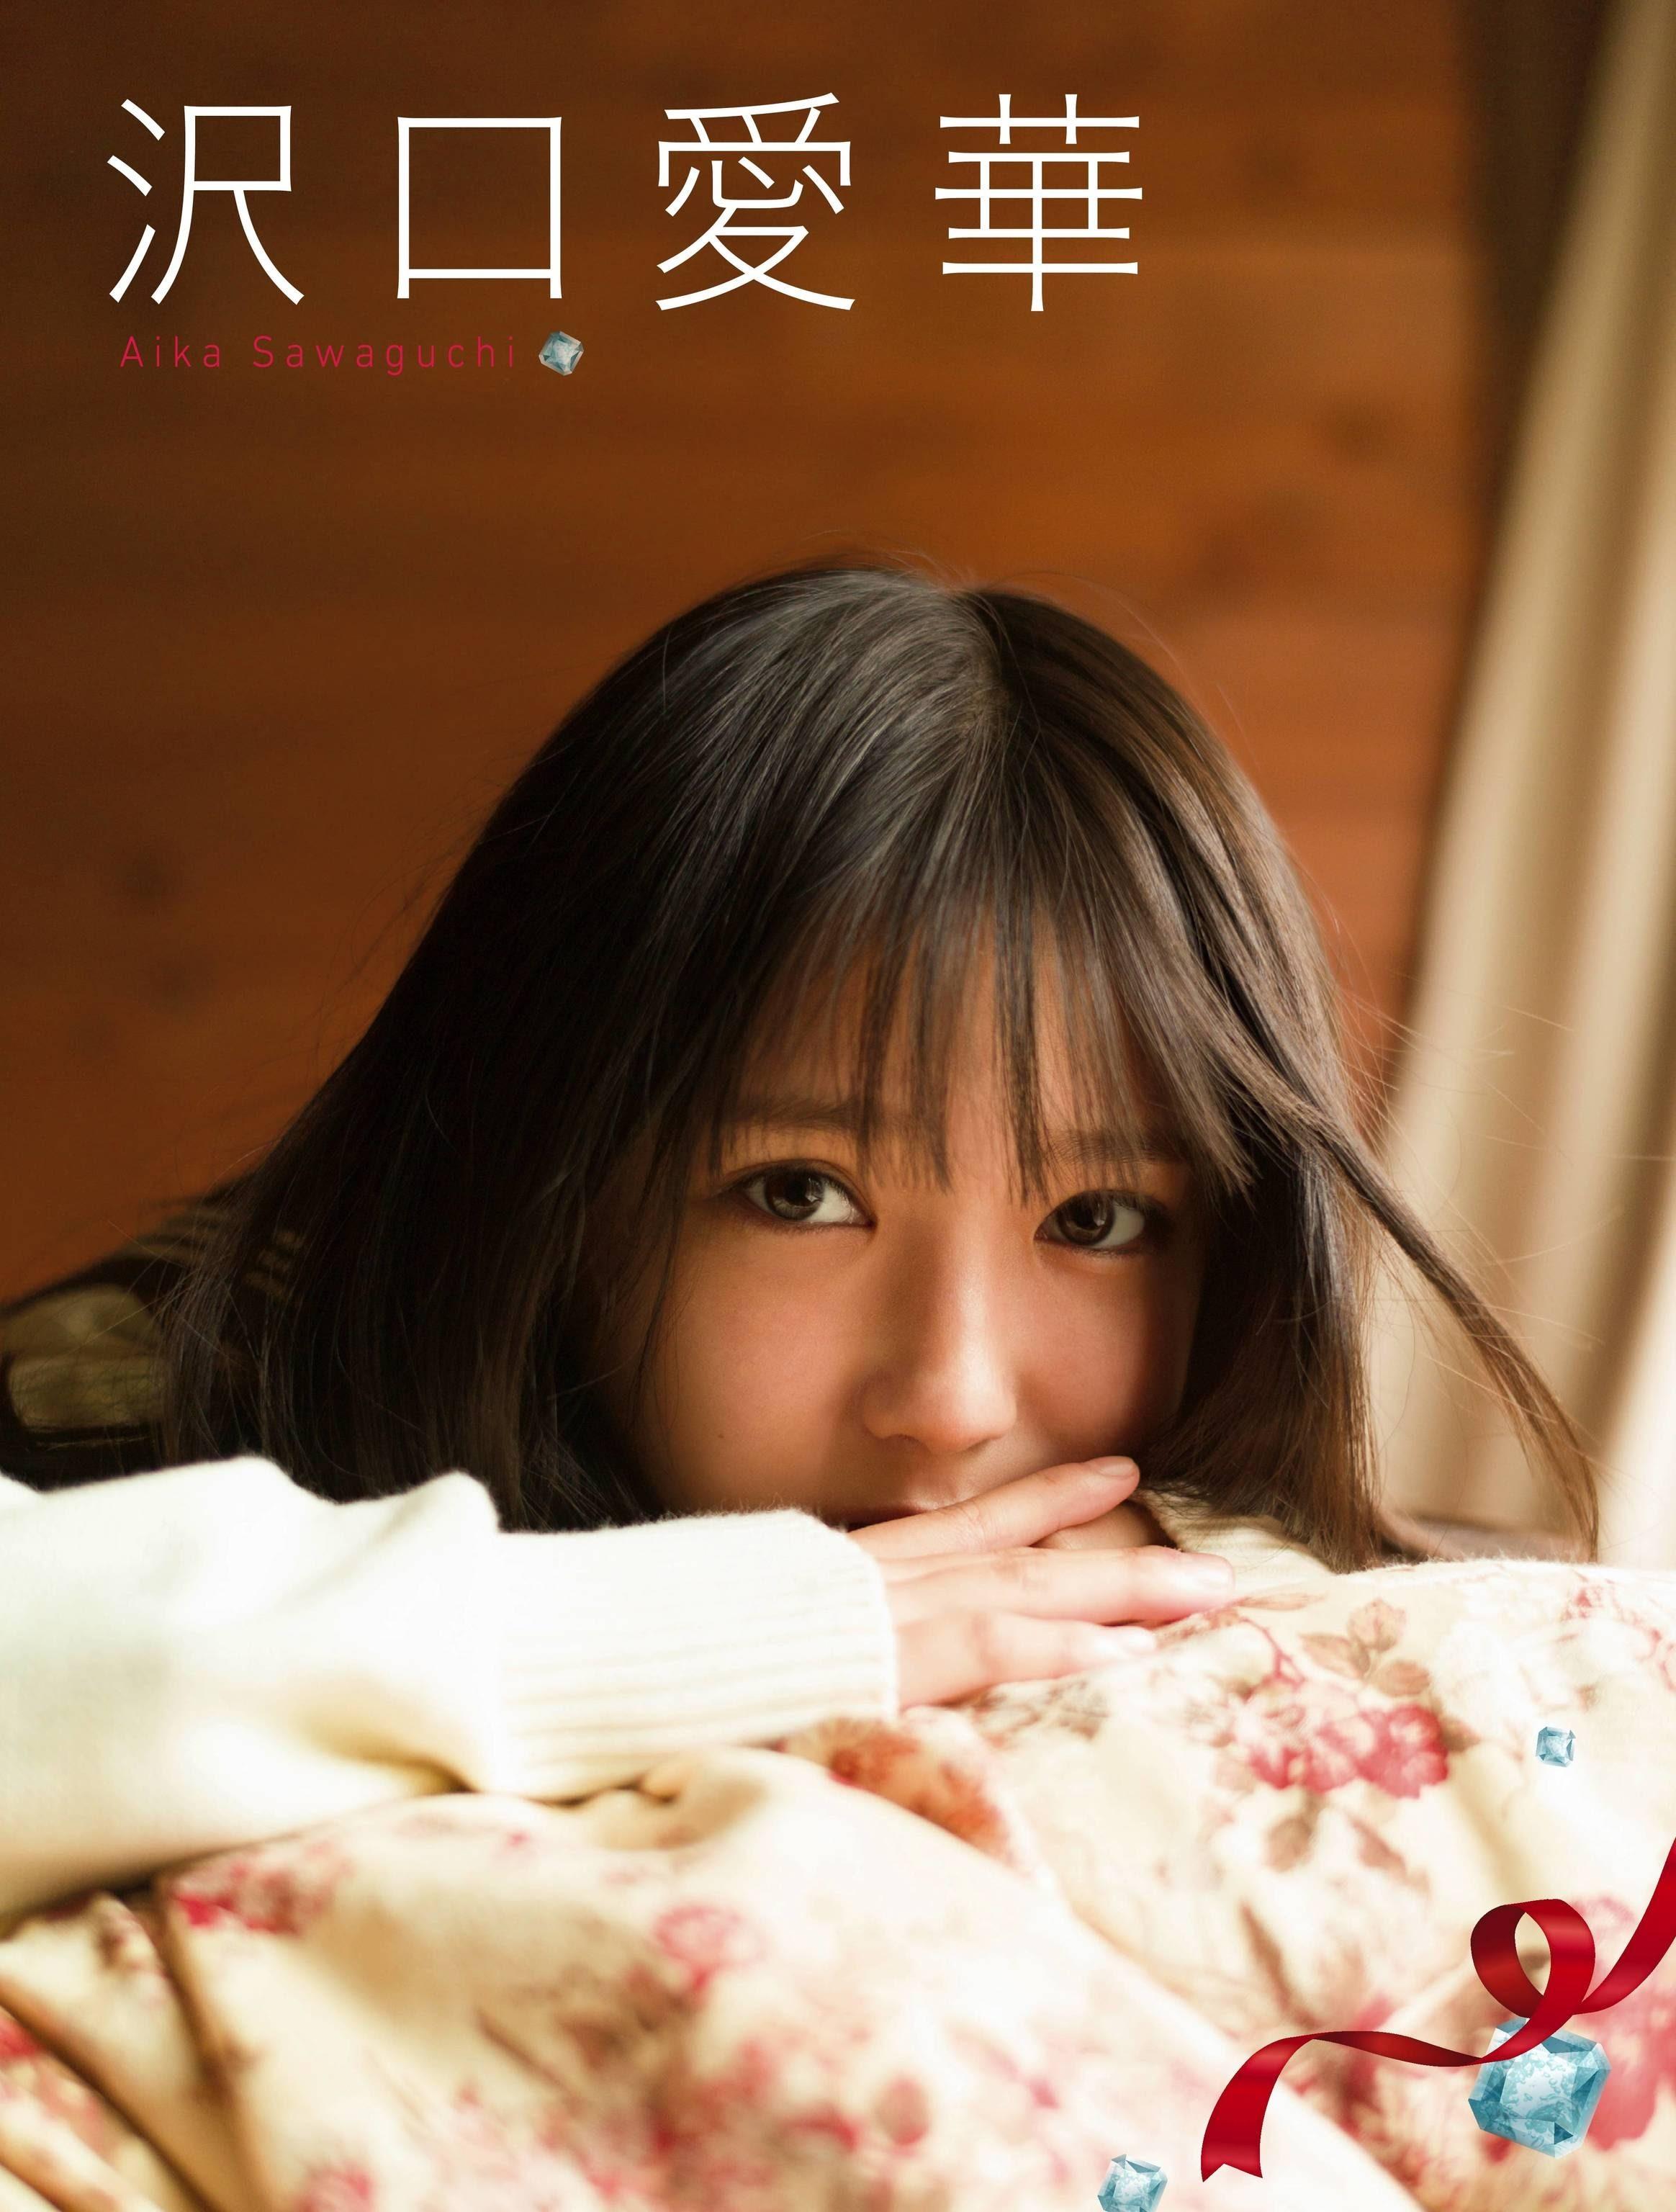 08-Aika Sawaguchi (2)